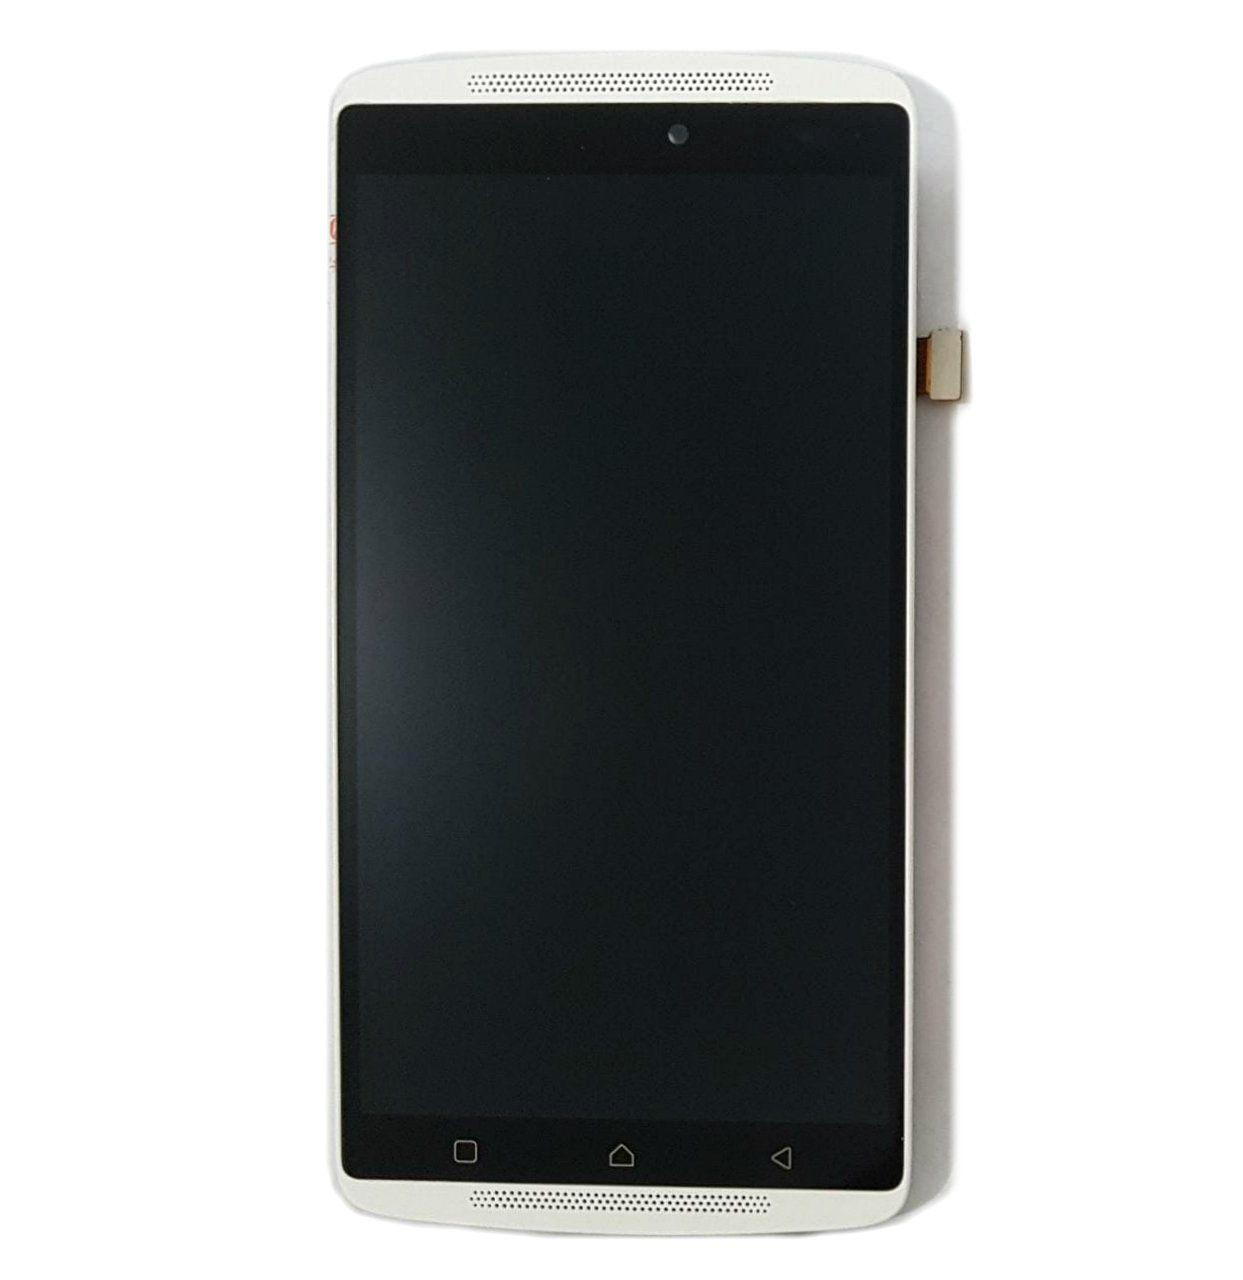 Display Frontal Lenovo Vibe A7010 / A701a48 com Aro Branco 1 Linha Max